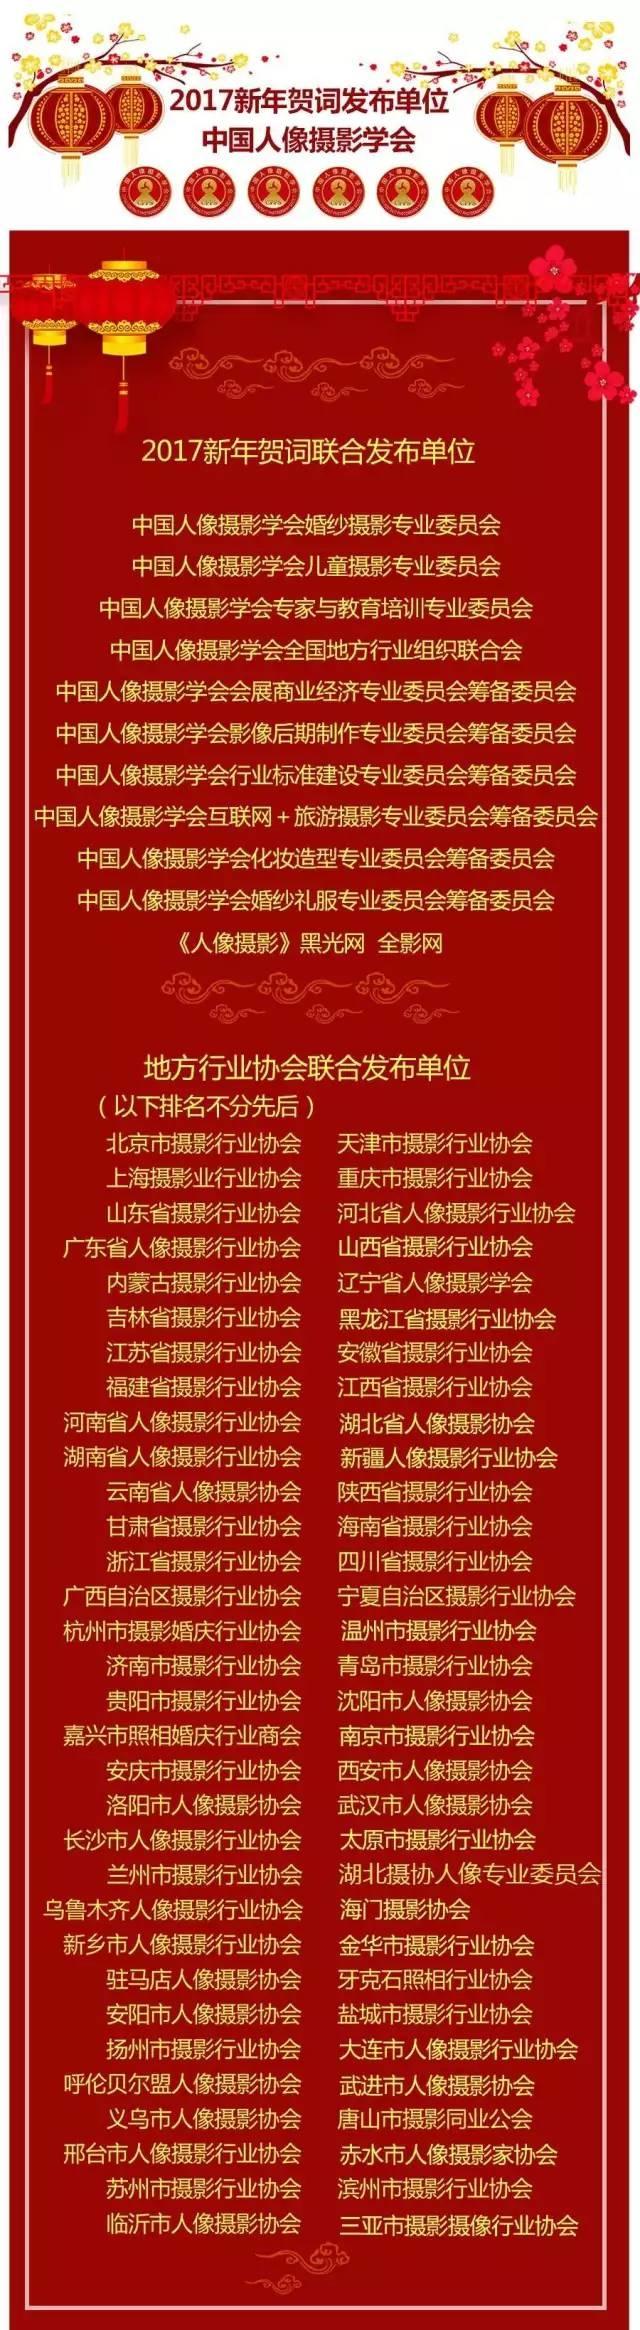 《2017新年贺词》中国人像摄影学会